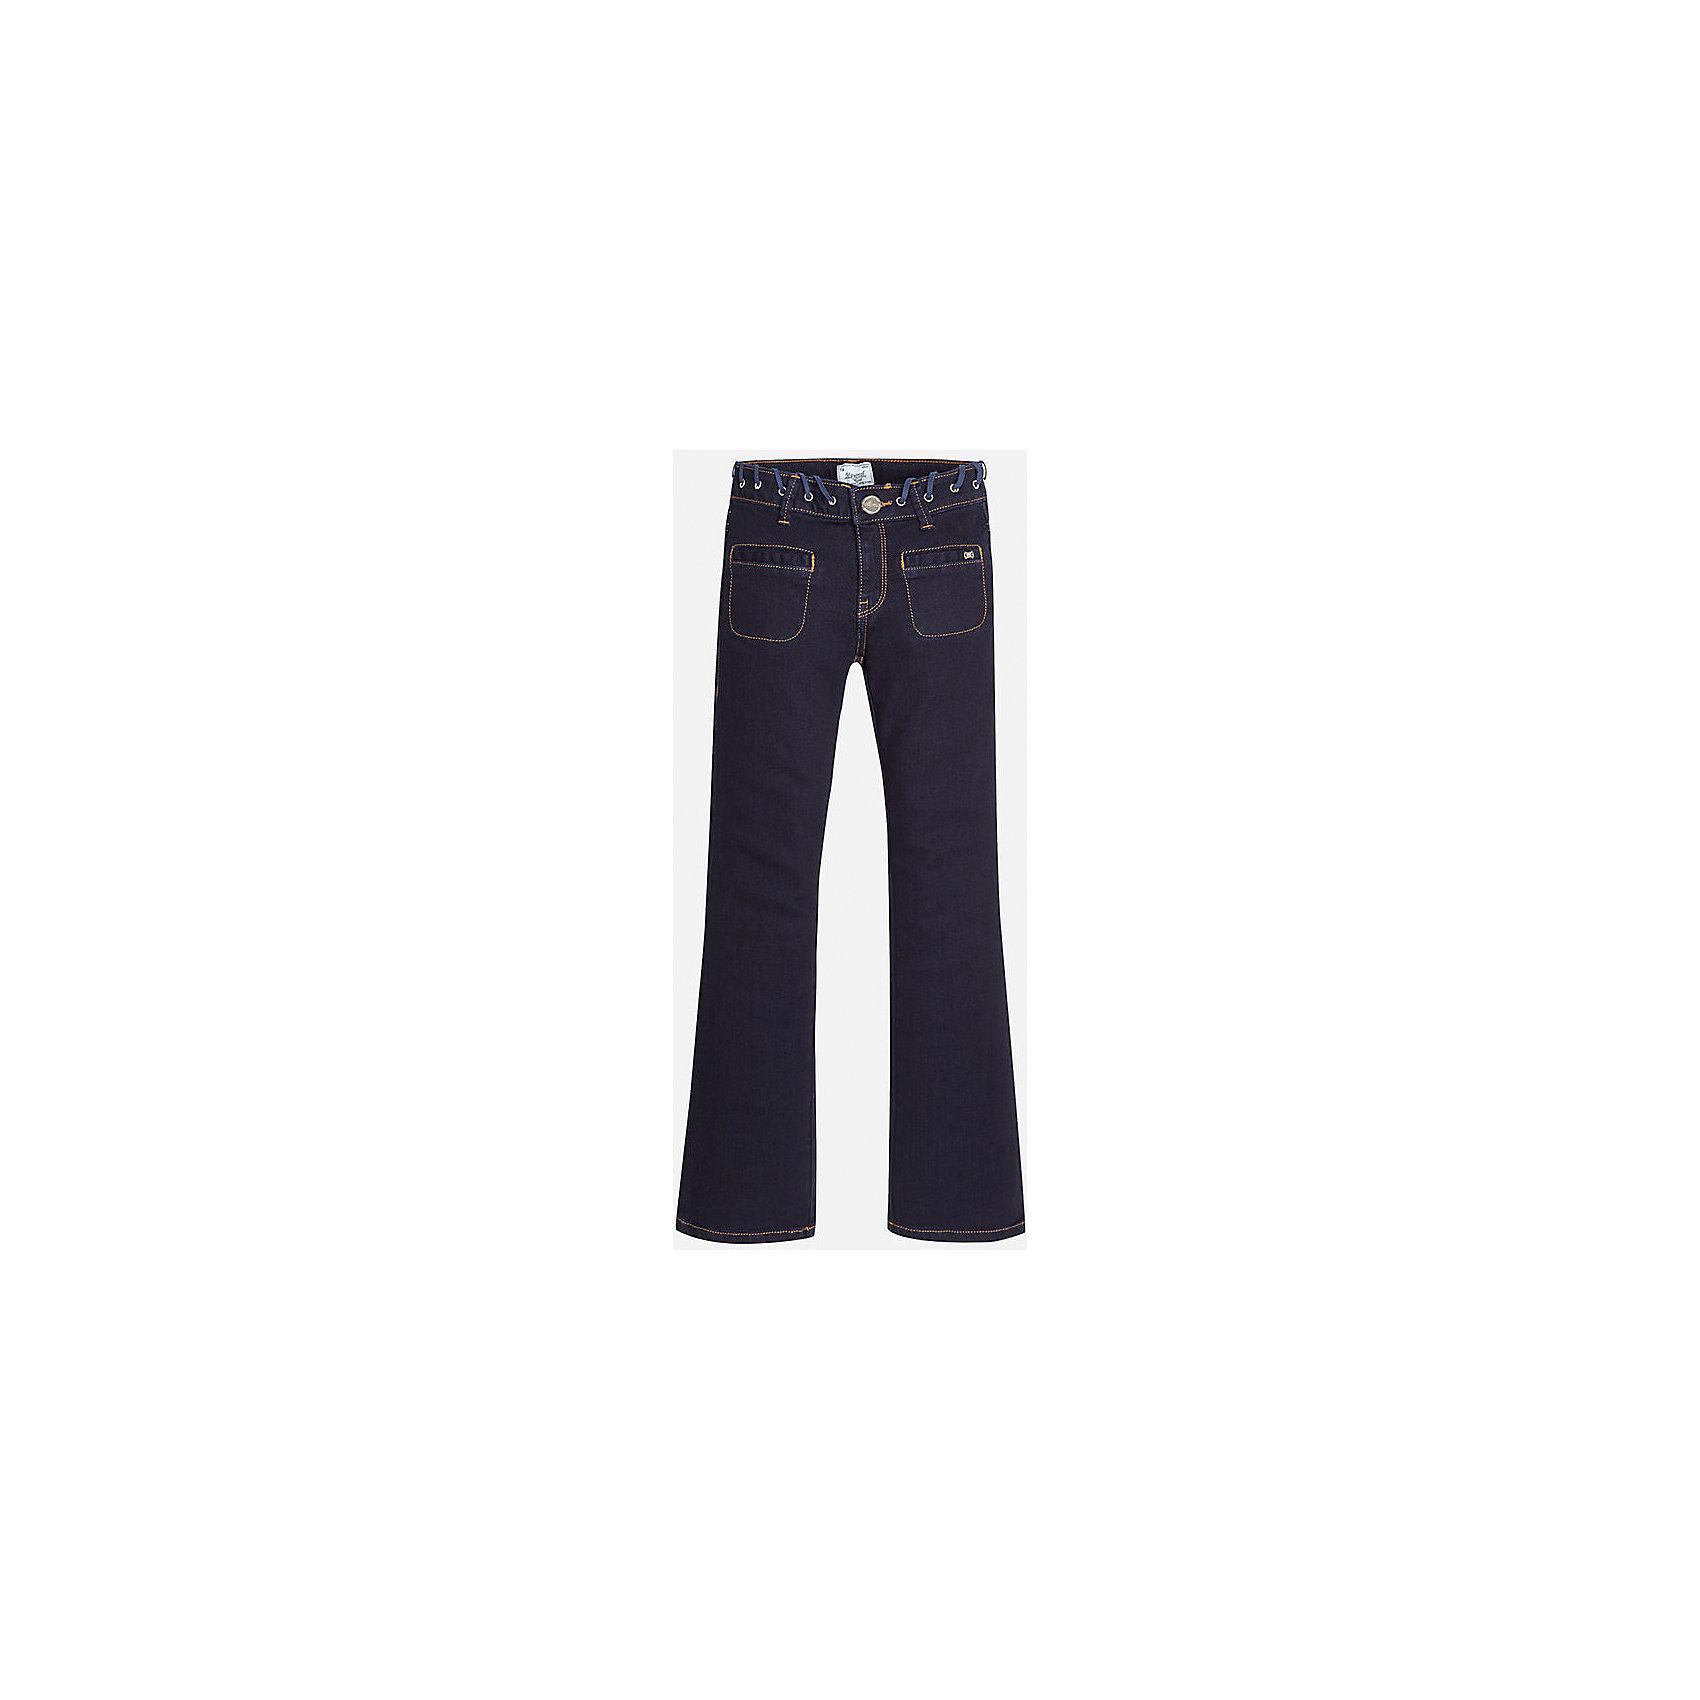 Джинсы для девочки MayoralДжинсовая одежда<br>Джинсы темно-синего цвета торговой марки    Майорал -Mayoral для девочек.<br>Стильные расклешенные  джинсы выполнены из хлопка и украшены декаративным пояском, а также имитацией карманов с вставками. Модель дополнена шлевками для ремня и функциональными задними карманами. Джинсы застегиваются на удобную молнию. <br><br>Дополнительная информация: <br><br>- цвет: темно-синий<br>- состав: хлопок 98%,  эластан 2%, <br>- фактура материала: текстильный<br>- тип карманов: без карманов<br>- уход за вещами: бережная стирка при 30 градусах<br>- рисунок: с рисунком<br>- назначение: повседневная<br>- сезон: круглогодичный<br>- пол: девочки<br>- страна бренда: Испания<br>- страна производитель: Индия<br>- комплектация: брюки<br><br>Джинсы торговой марки    Майорал -Mayoral для девочек можно купить в нашем интернет-магазине..<br><br>Ширина мм: 215<br>Глубина мм: 88<br>Высота мм: 191<br>Вес г: 336<br>Цвет: синий<br>Возраст от месяцев: 168<br>Возраст до месяцев: 180<br>Пол: Женский<br>Возраст: Детский<br>Размер: 164/170,128/134,134/140,146/152,152/158,158/164<br>SKU: 4847353